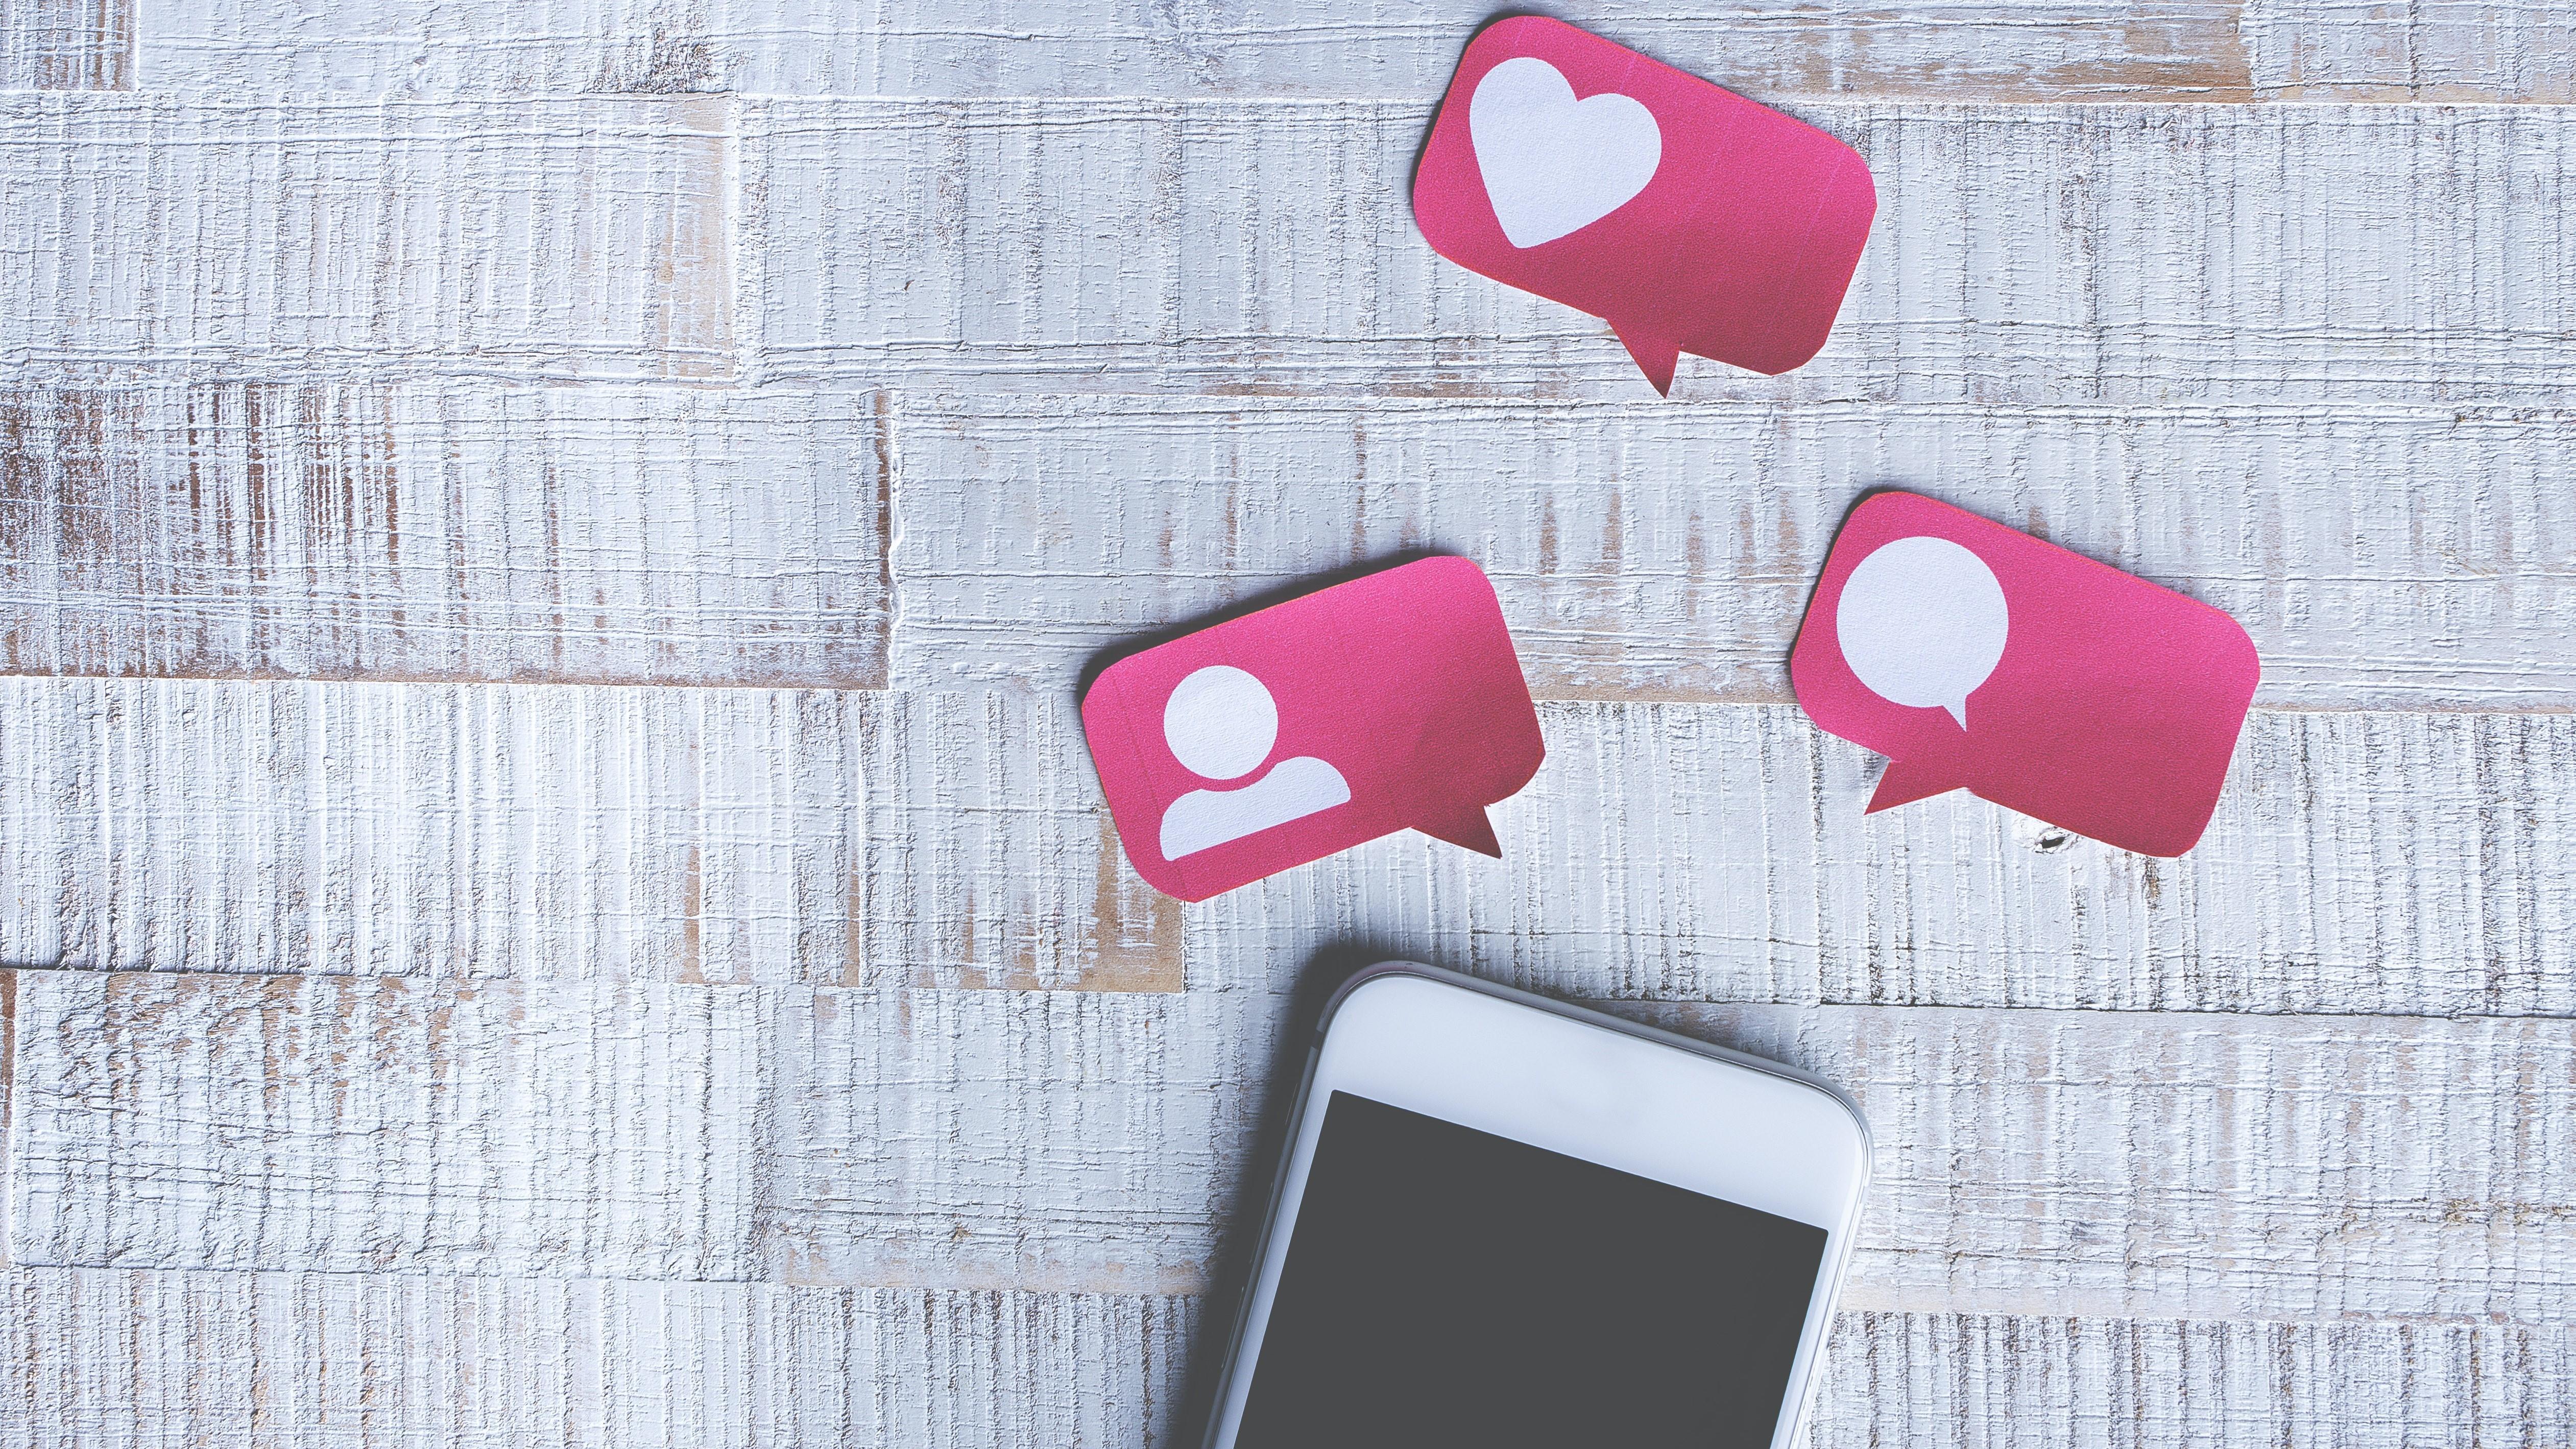 Wenige Follower, aber eine lebendige Community - das macht Micro-Influencer zu beliebten Kooperationspartnern von Unternehmen.